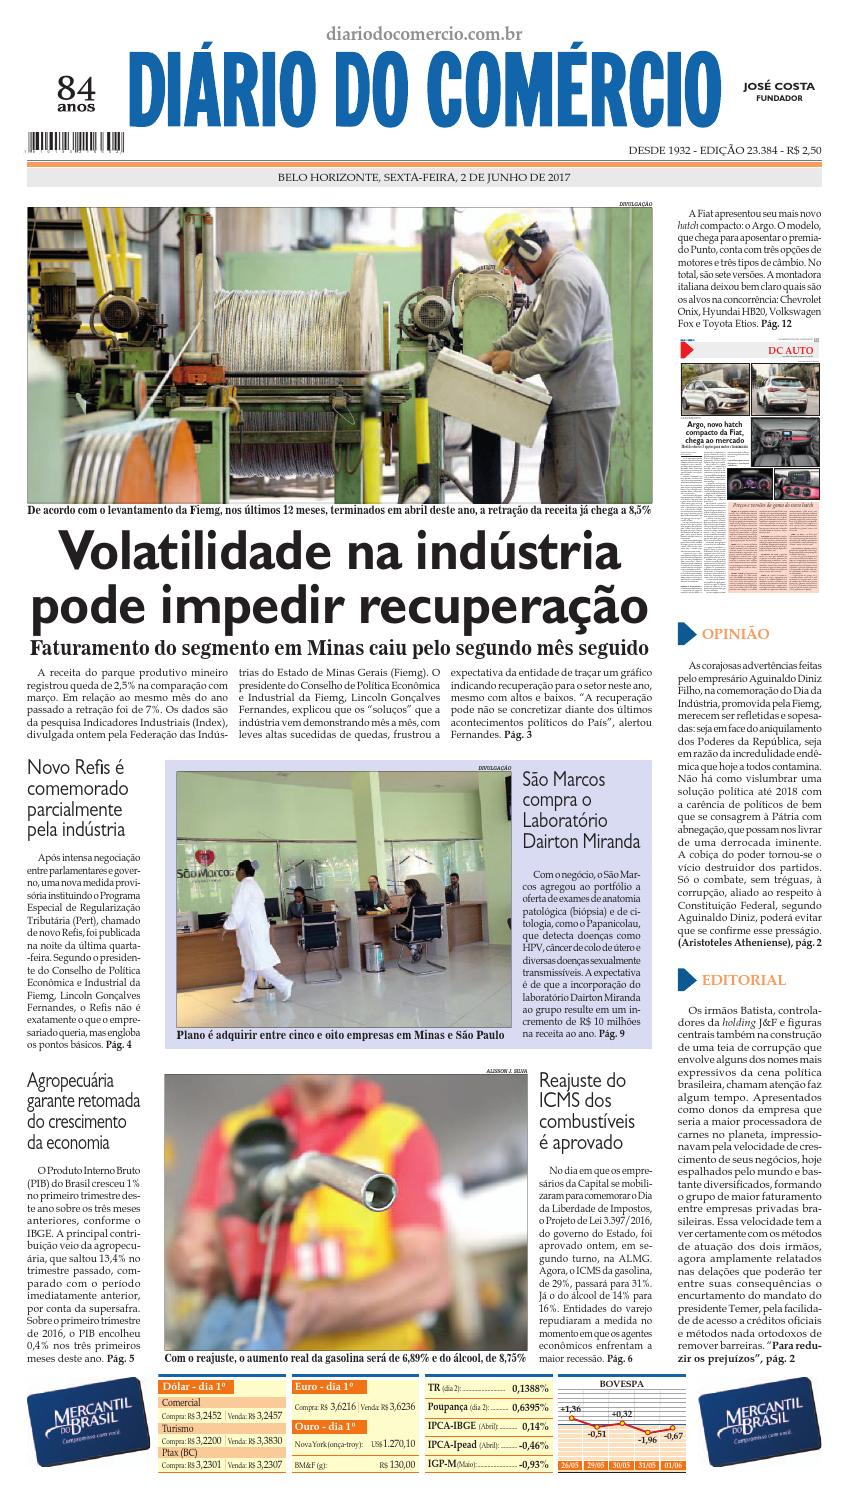 e28fa91e3126b 23384 by Diário do Comércio - Belo Horizonte - issuu